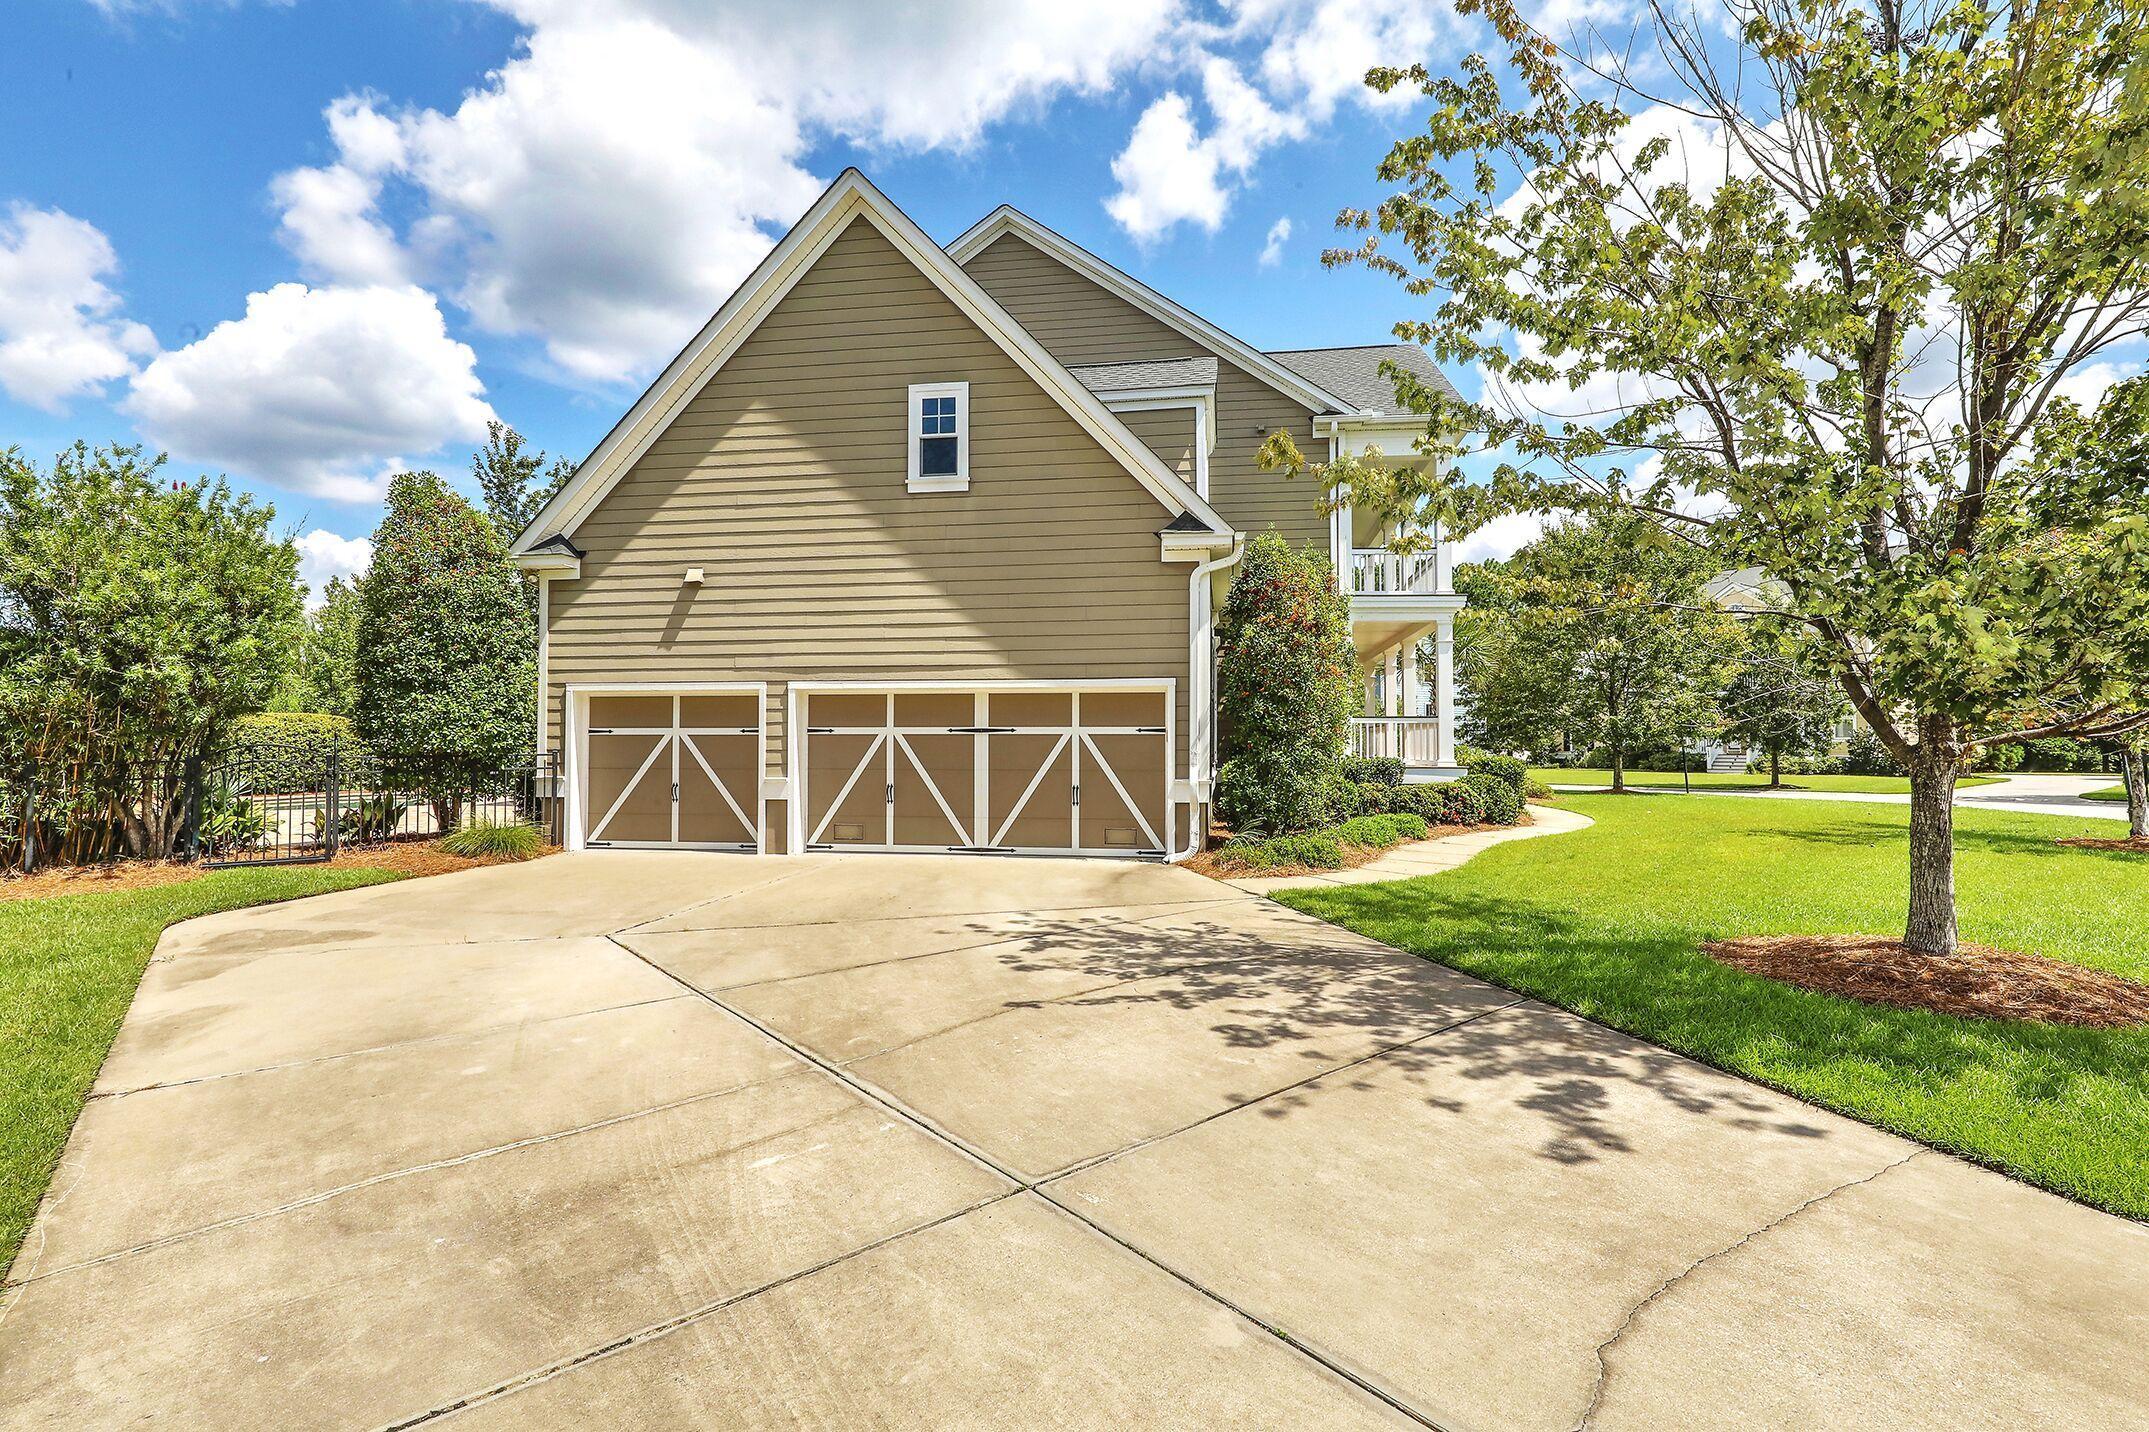 Dunes West Homes For Sale - 2970 Sturbridge, Mount Pleasant, SC - 16